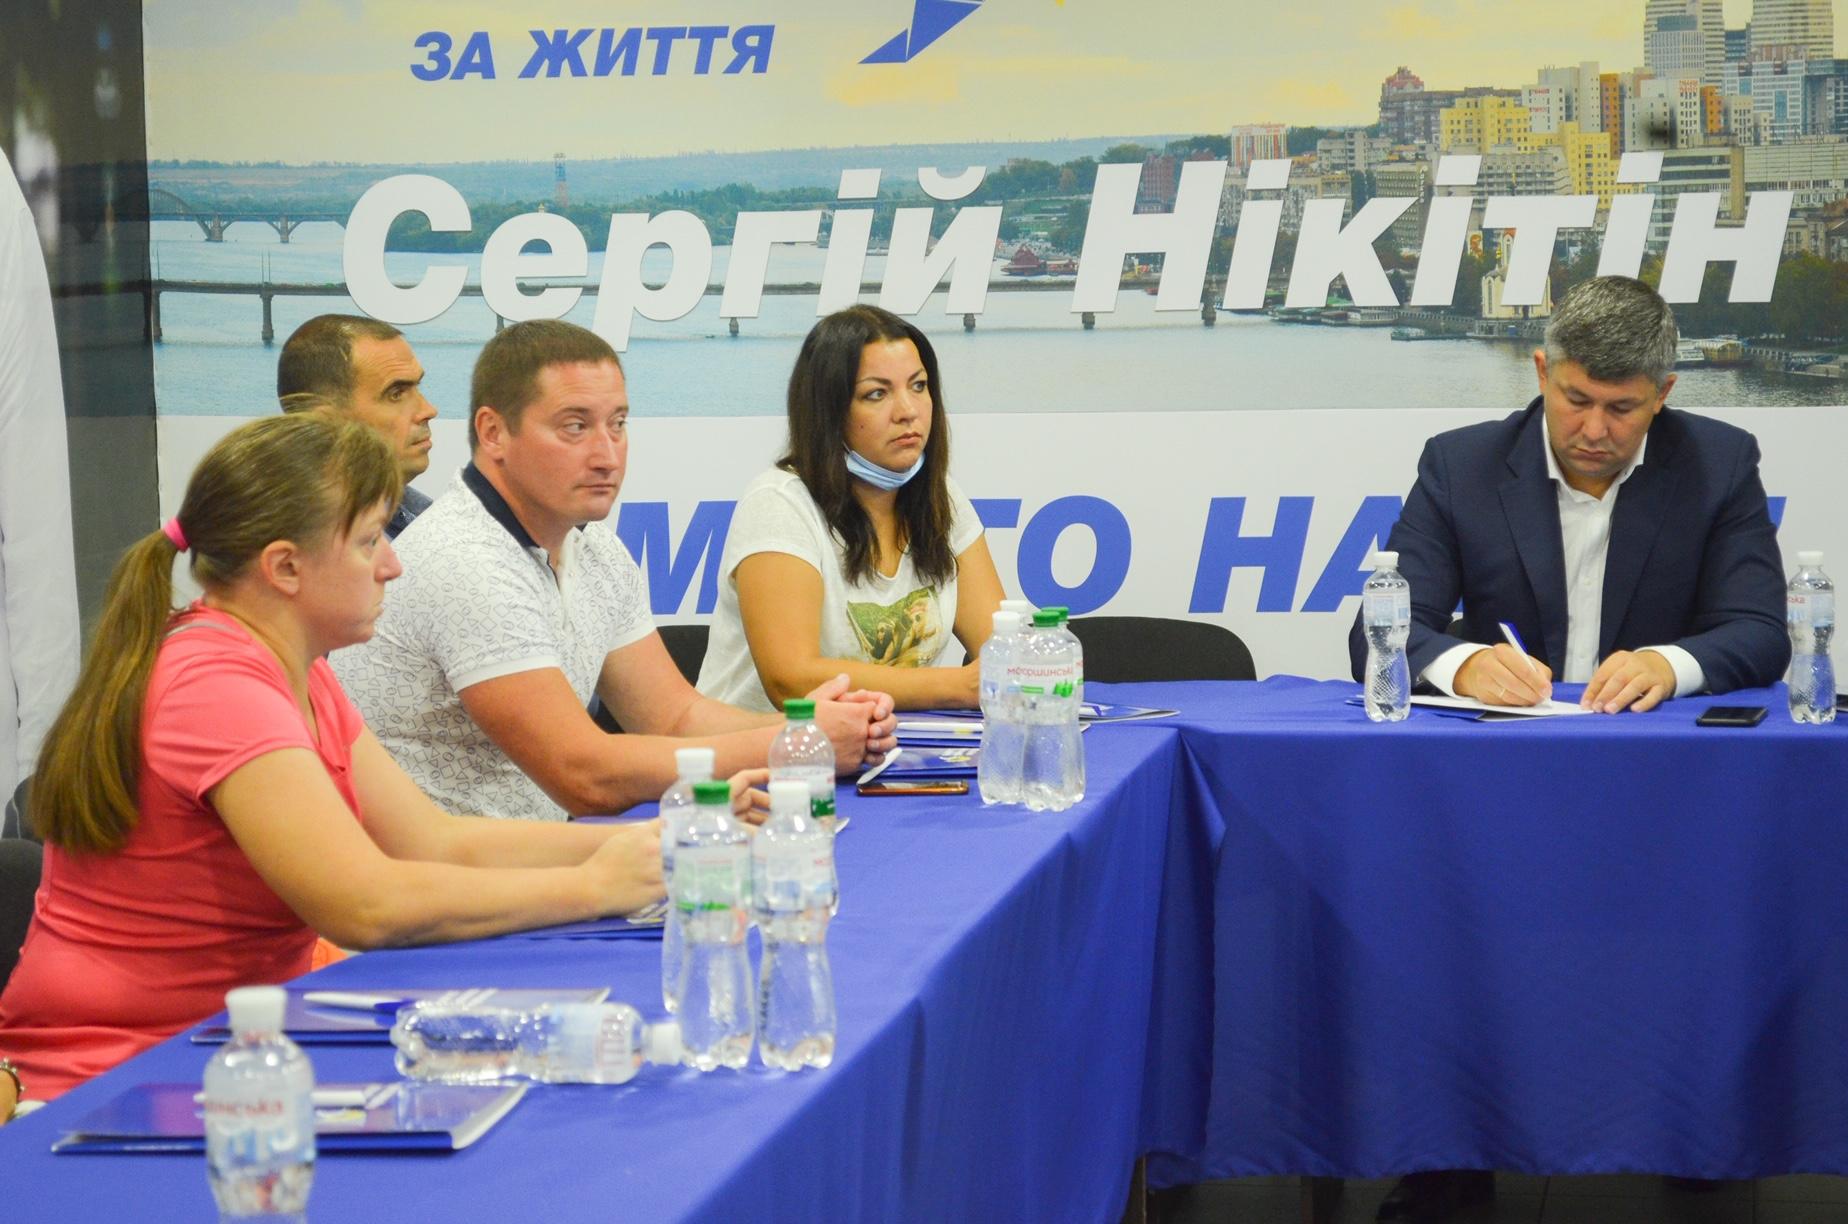 Новости Днепра про Сергей Никитин встретился с волонтерами Днепра